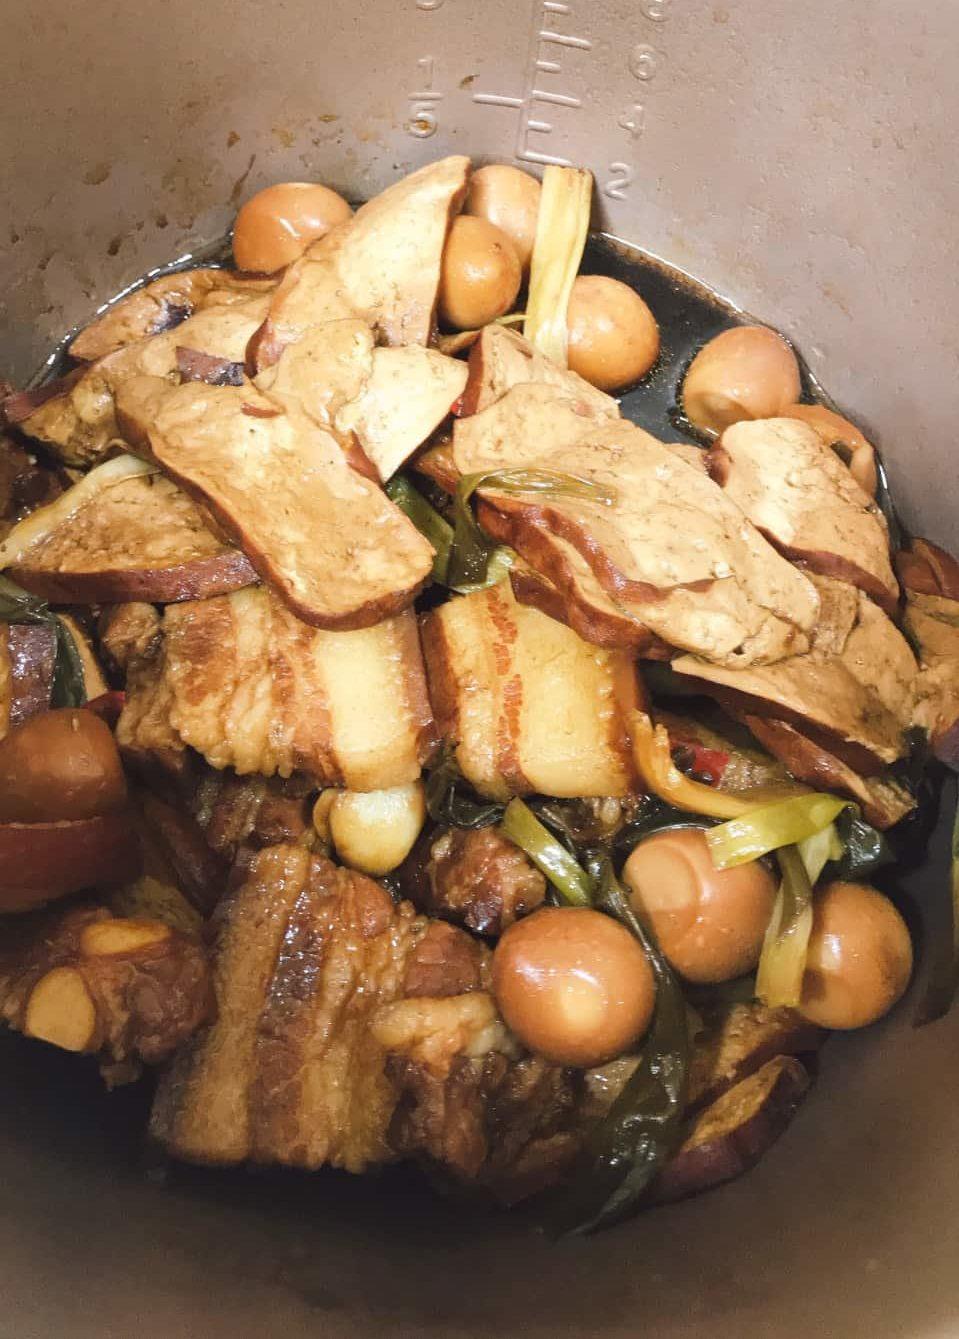 鍋寶萬用壓力鍋料理